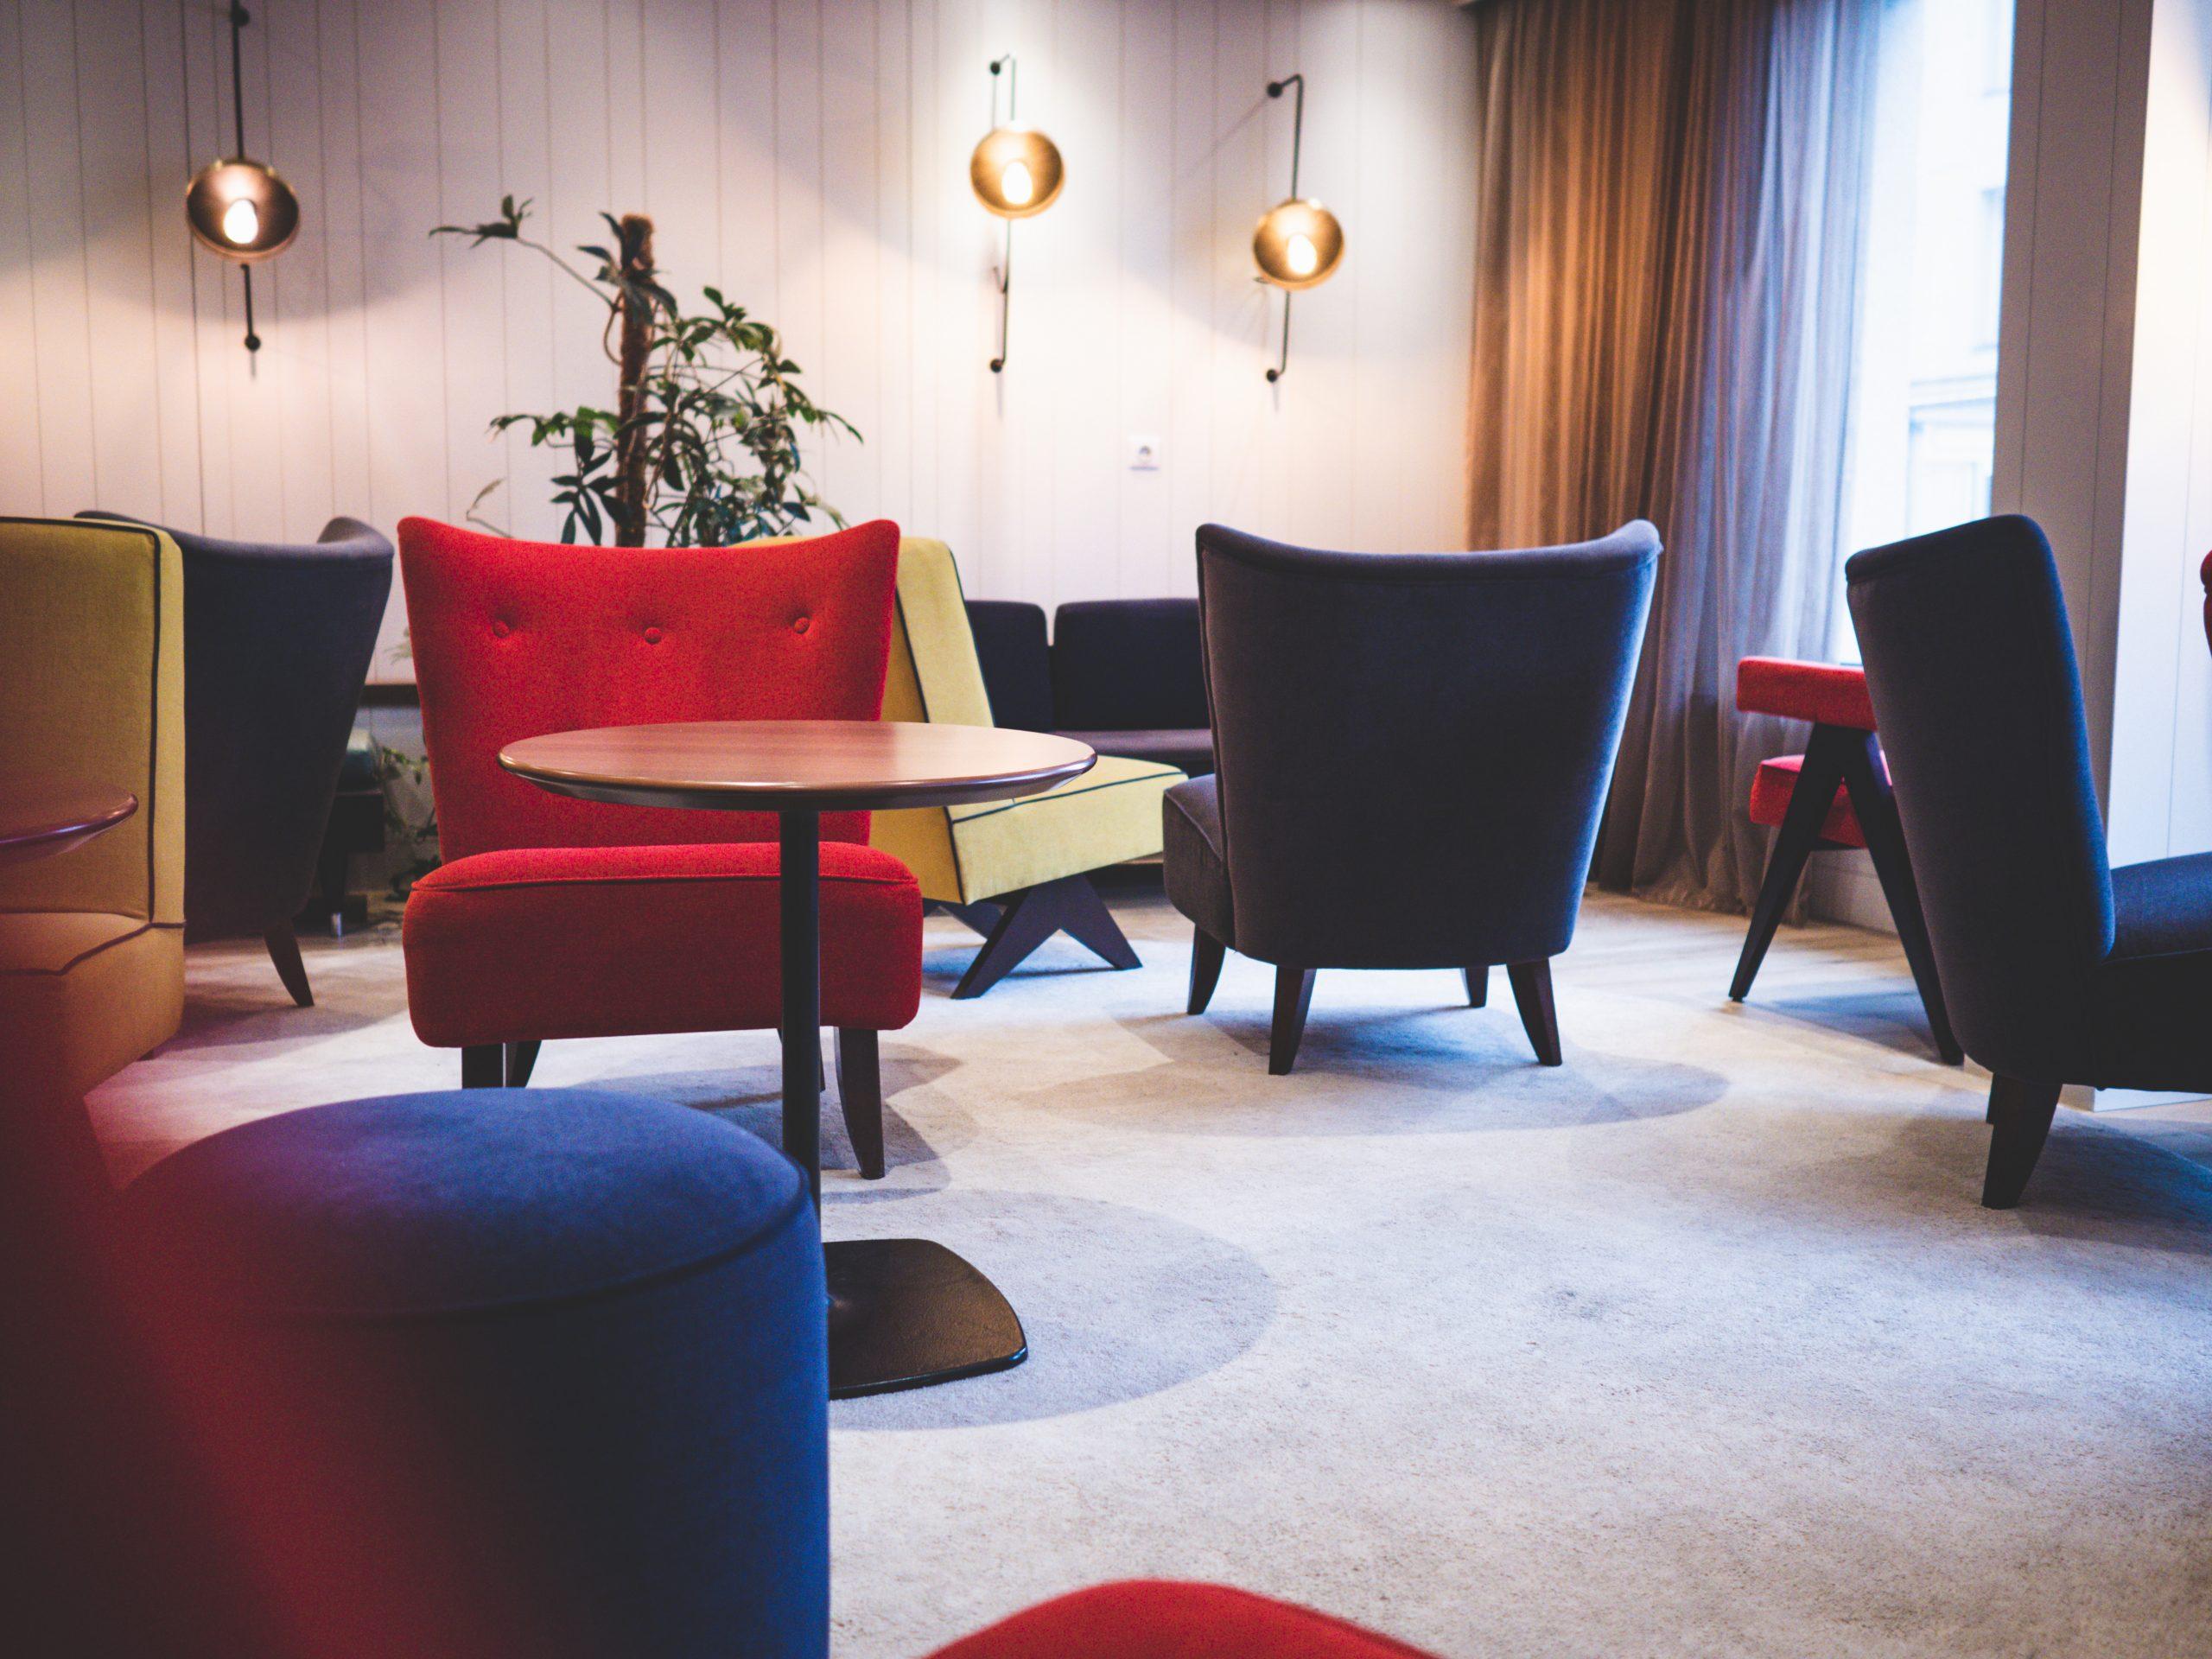 Salon commun coloré de l'hôtel Escale Oceania à Saint Malo en Bretagne.